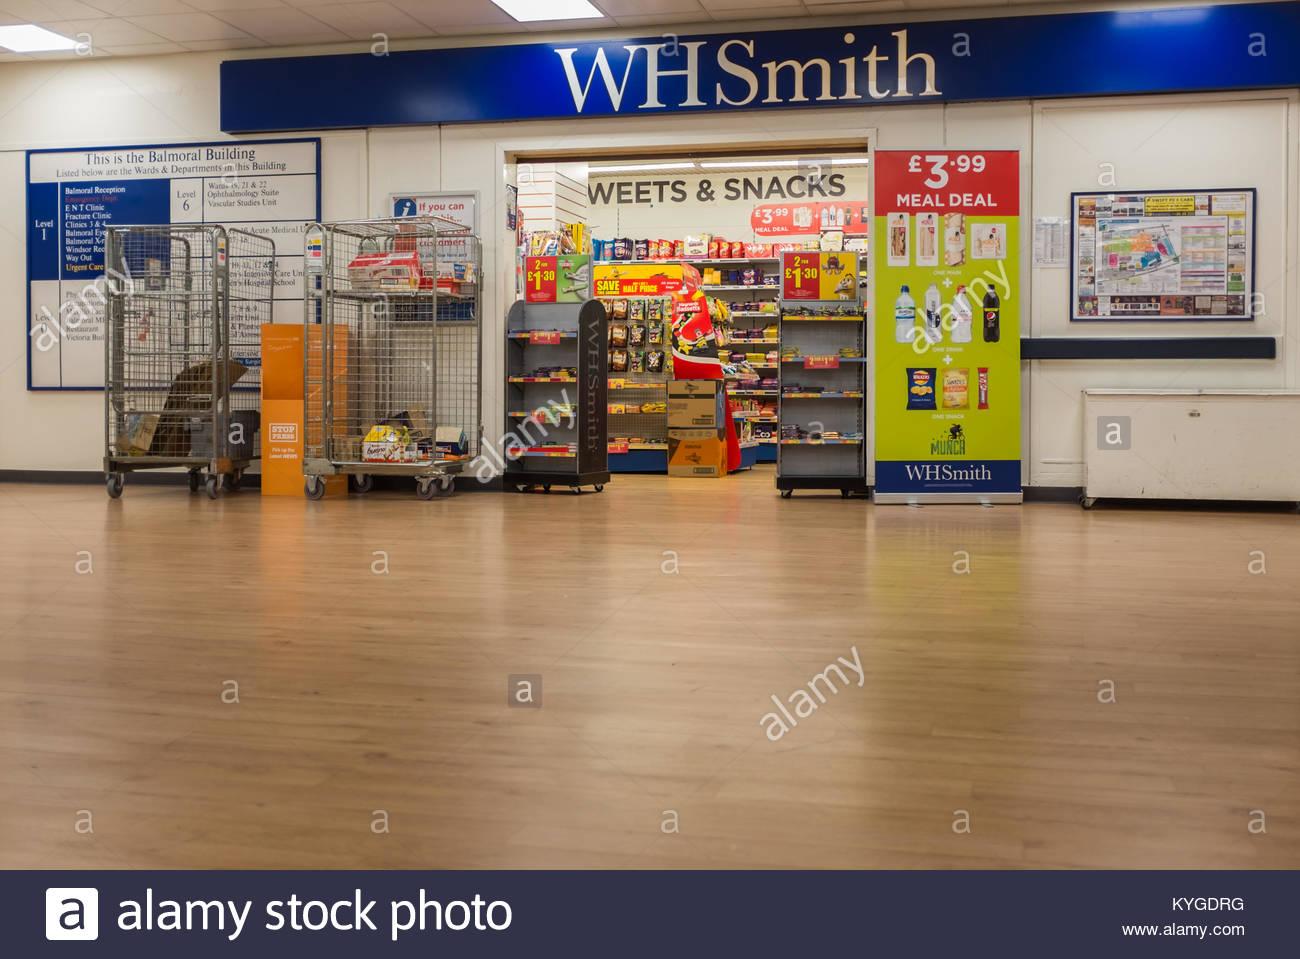 W H Smiths shop Werbung Angebote, verschiedene Süßigkeiten und ...